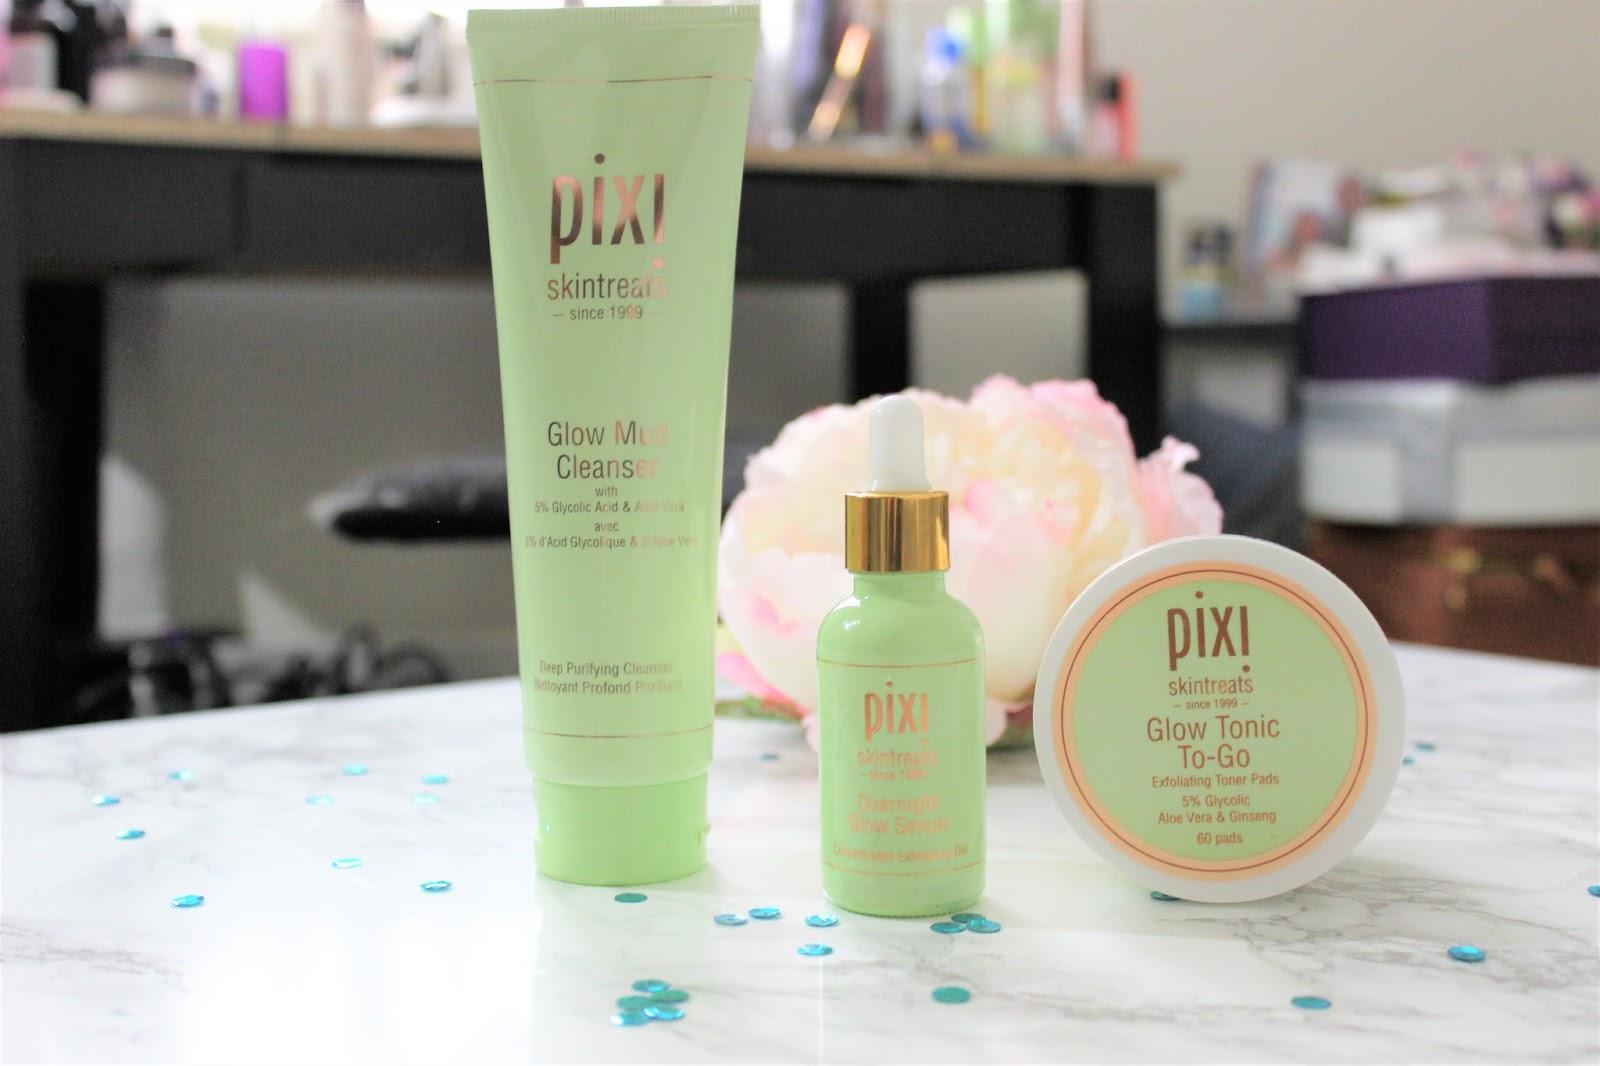 Pixi Skincare Pixi Skintreats